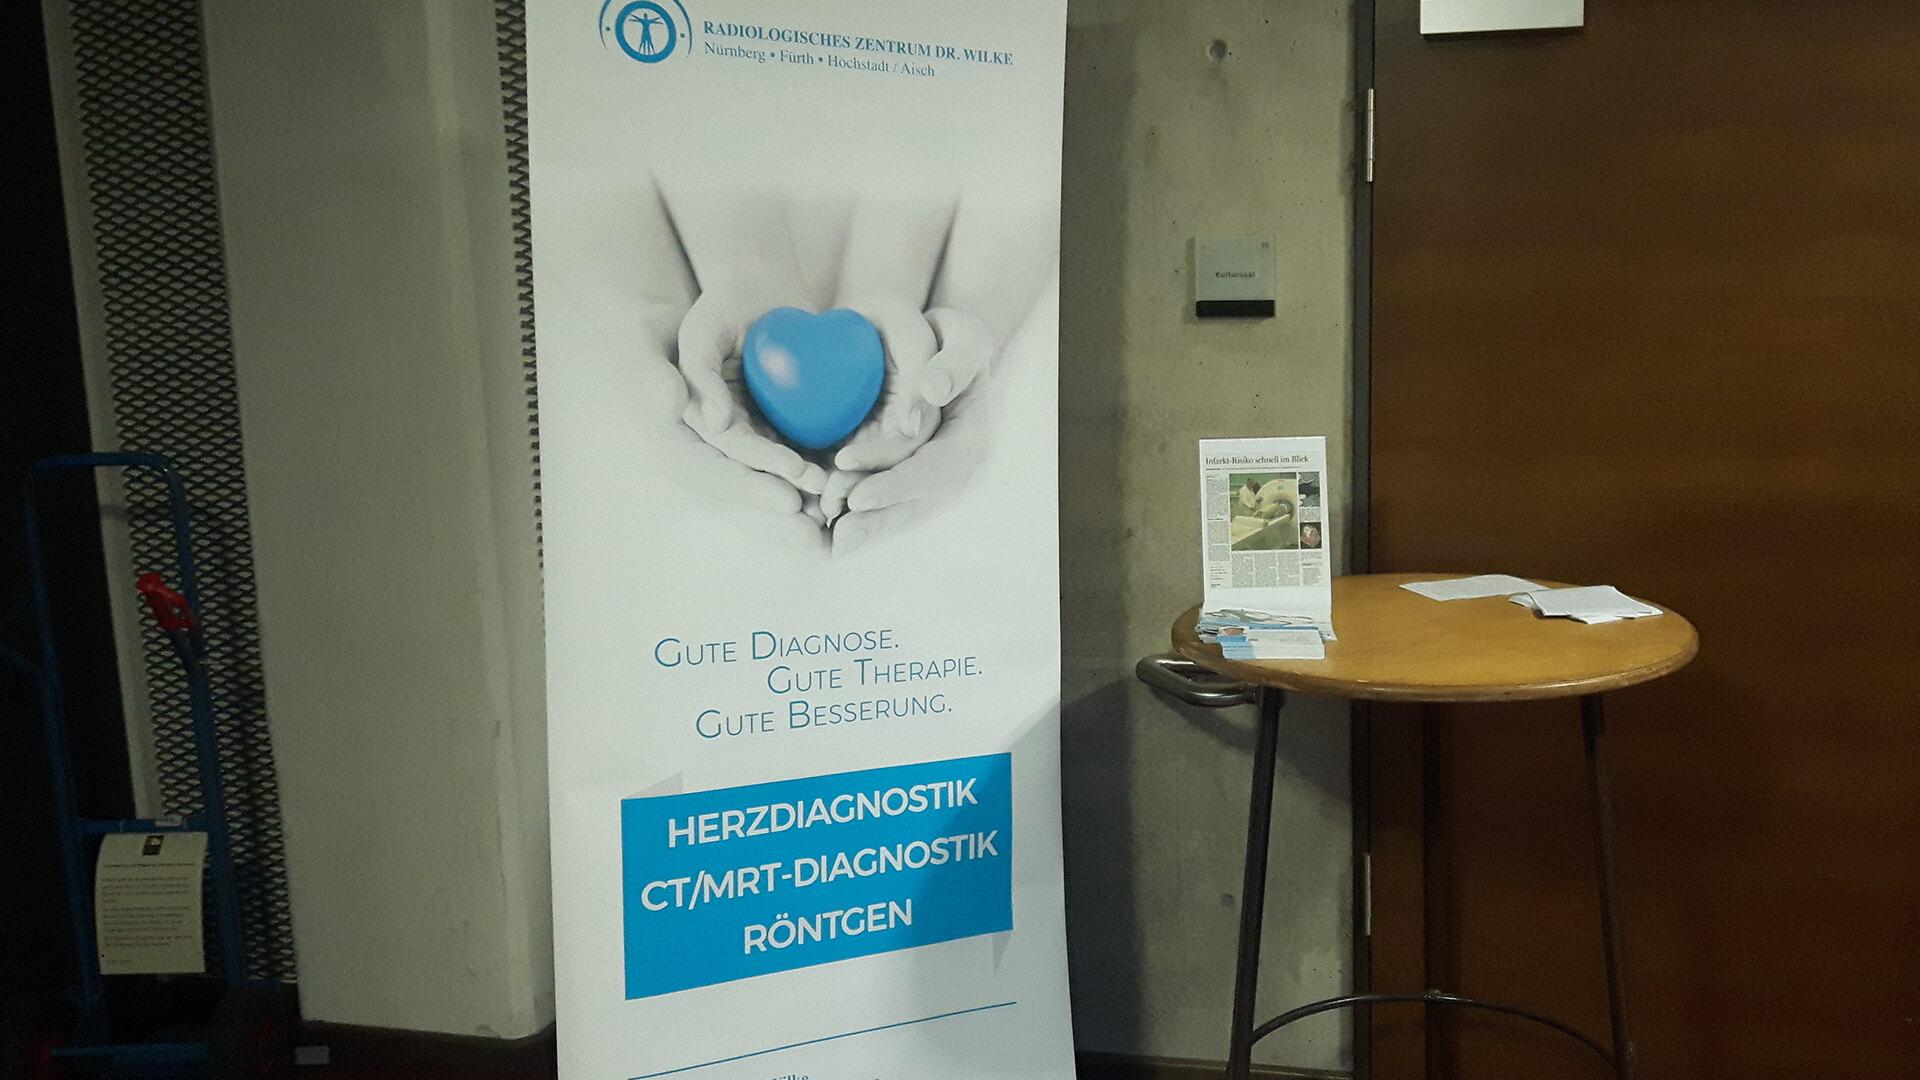 Herzdiagnostik, CT/MRT-Diagnostik und Röntgen-Banner im Radiologisches Zentrum in Höchstadt